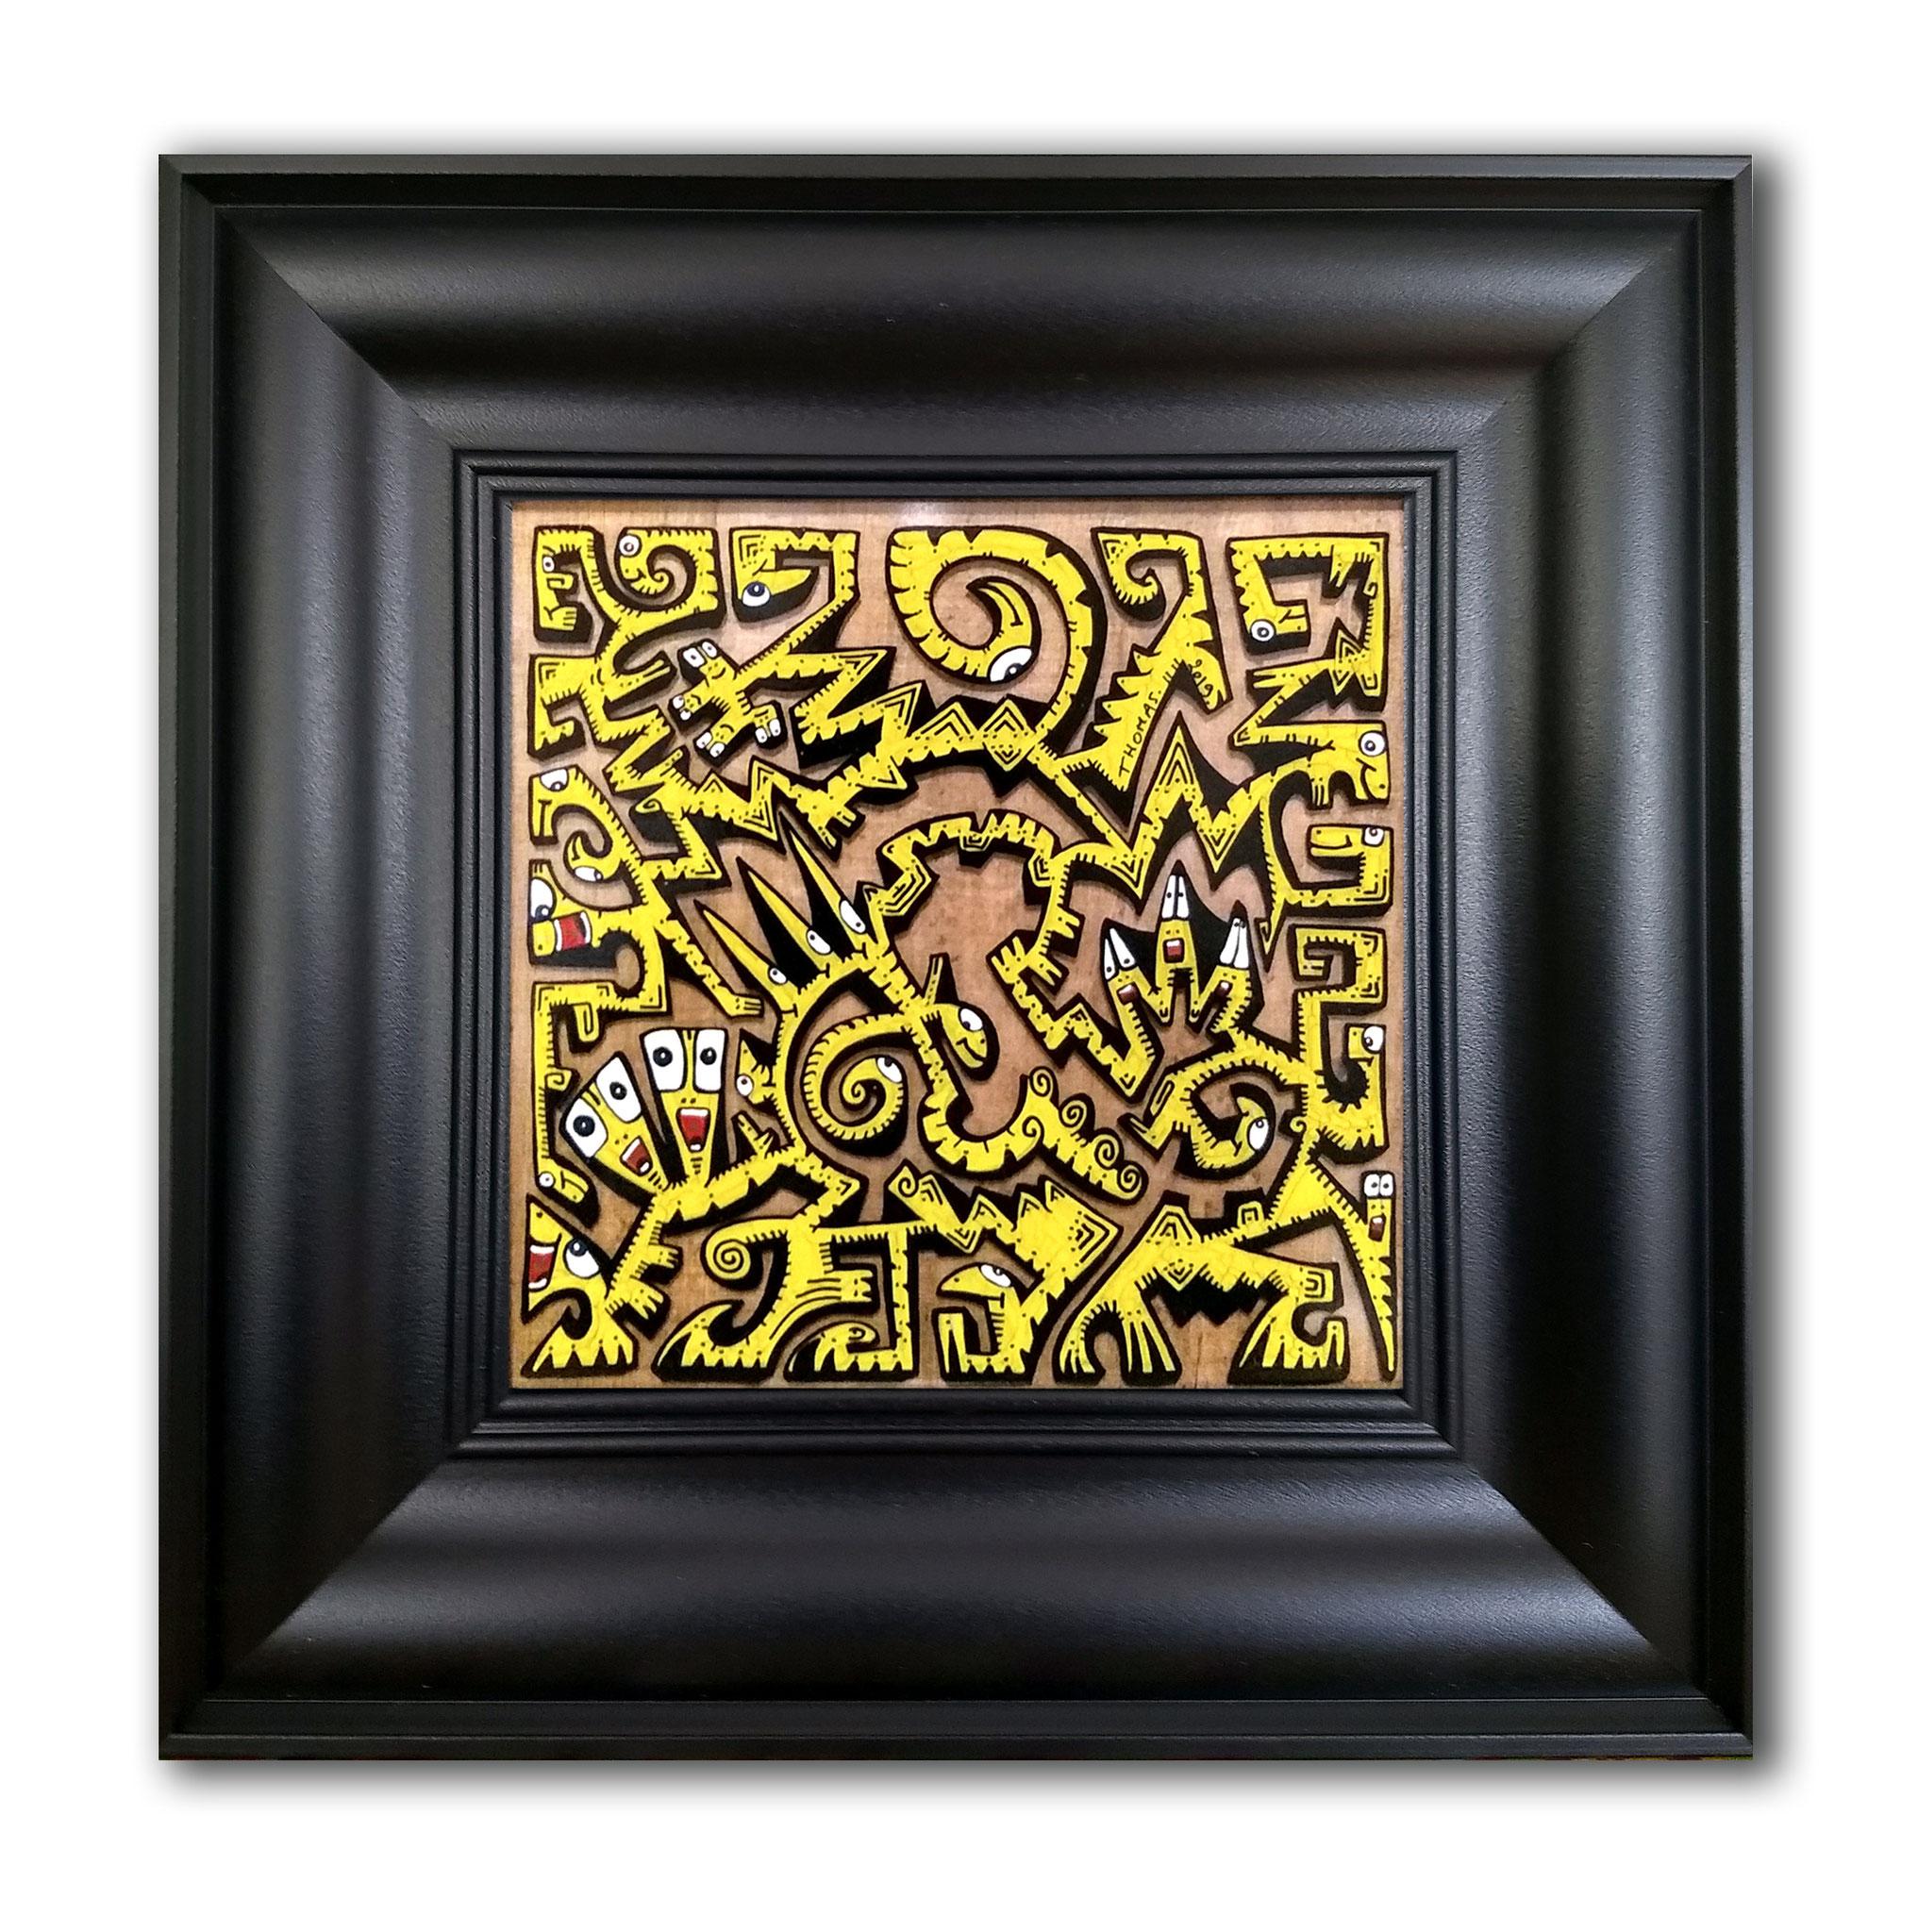 Titre : PT13/feutres acrylique sur verre synthétique/ fond papier papyrus antique /format cadre 35.5/35.5cm/dessin : 18.5/18.5cm/ prix : 80 euros